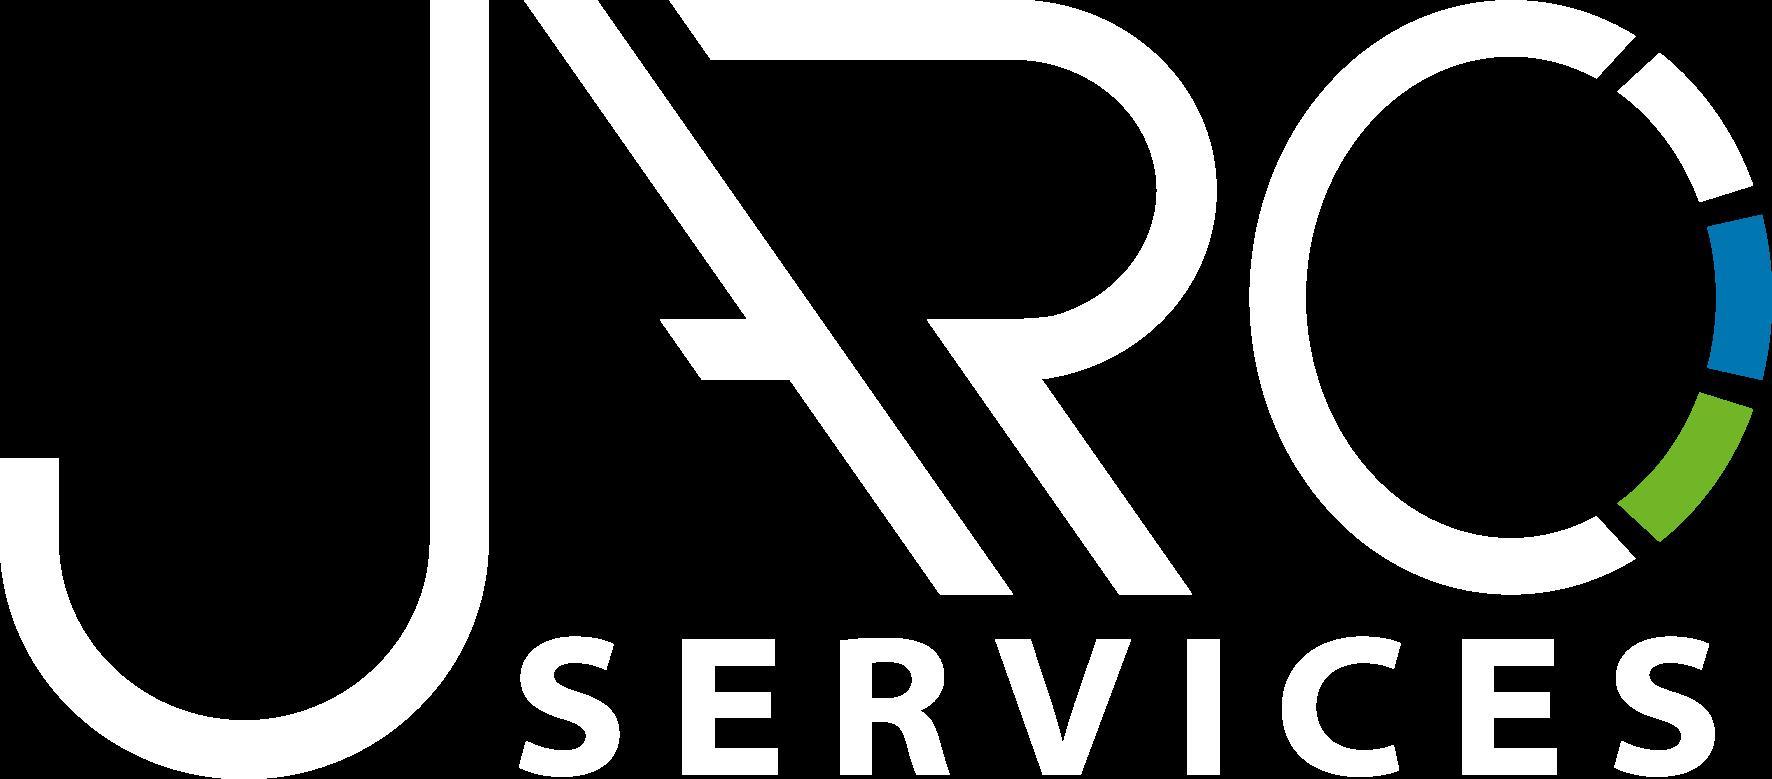 jaro_services_ohne-zusatz_negativ